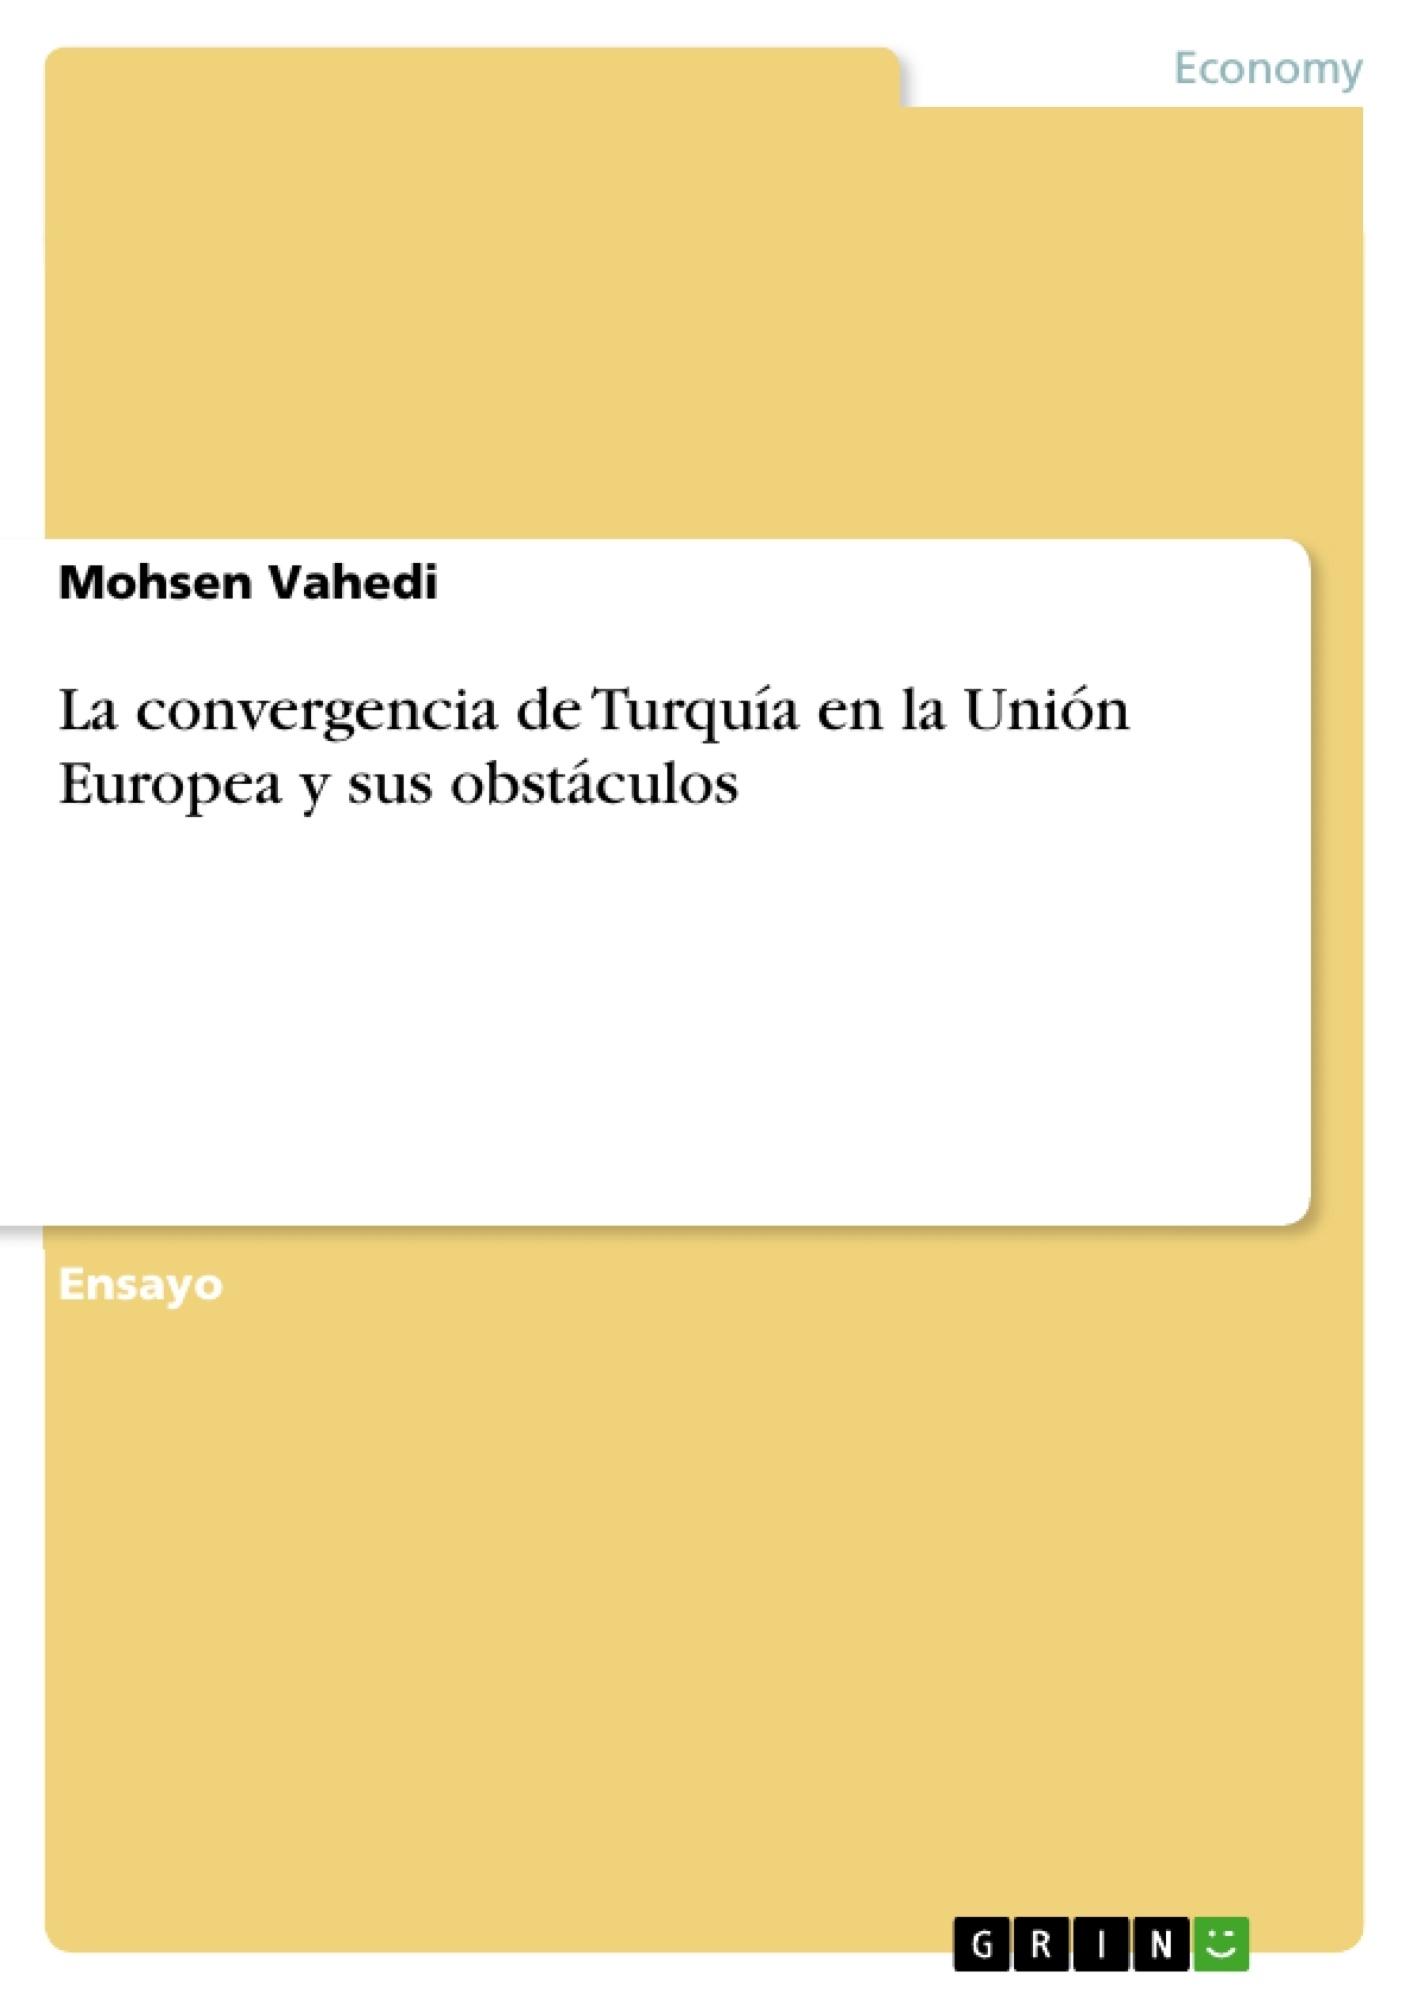 Título: La convergencia de Turquía en la Unión Europea y sus obstáculos